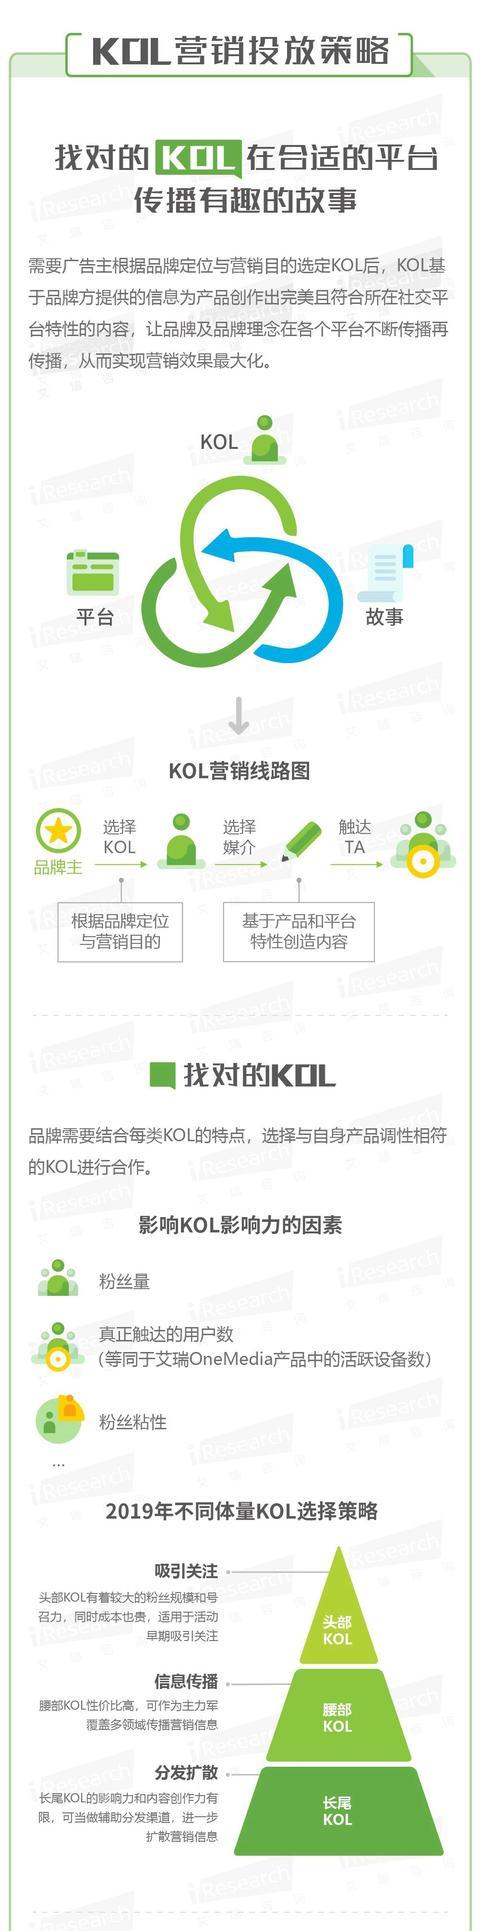 Z世代崛起——KOL营销策略洞察微报告